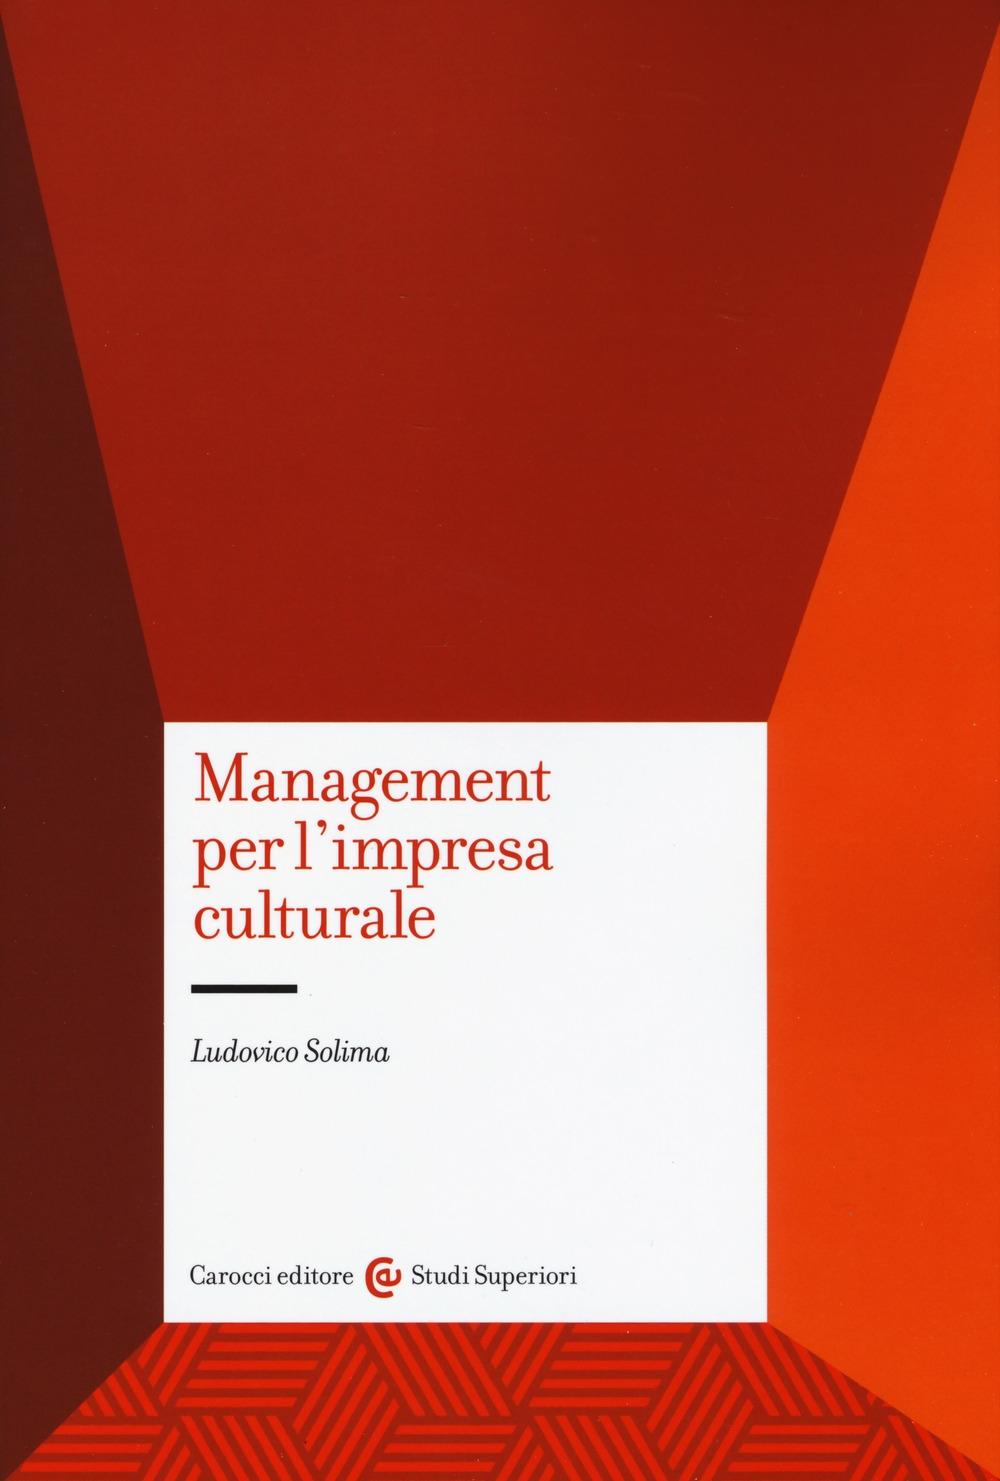 Management per l'impresa culturale